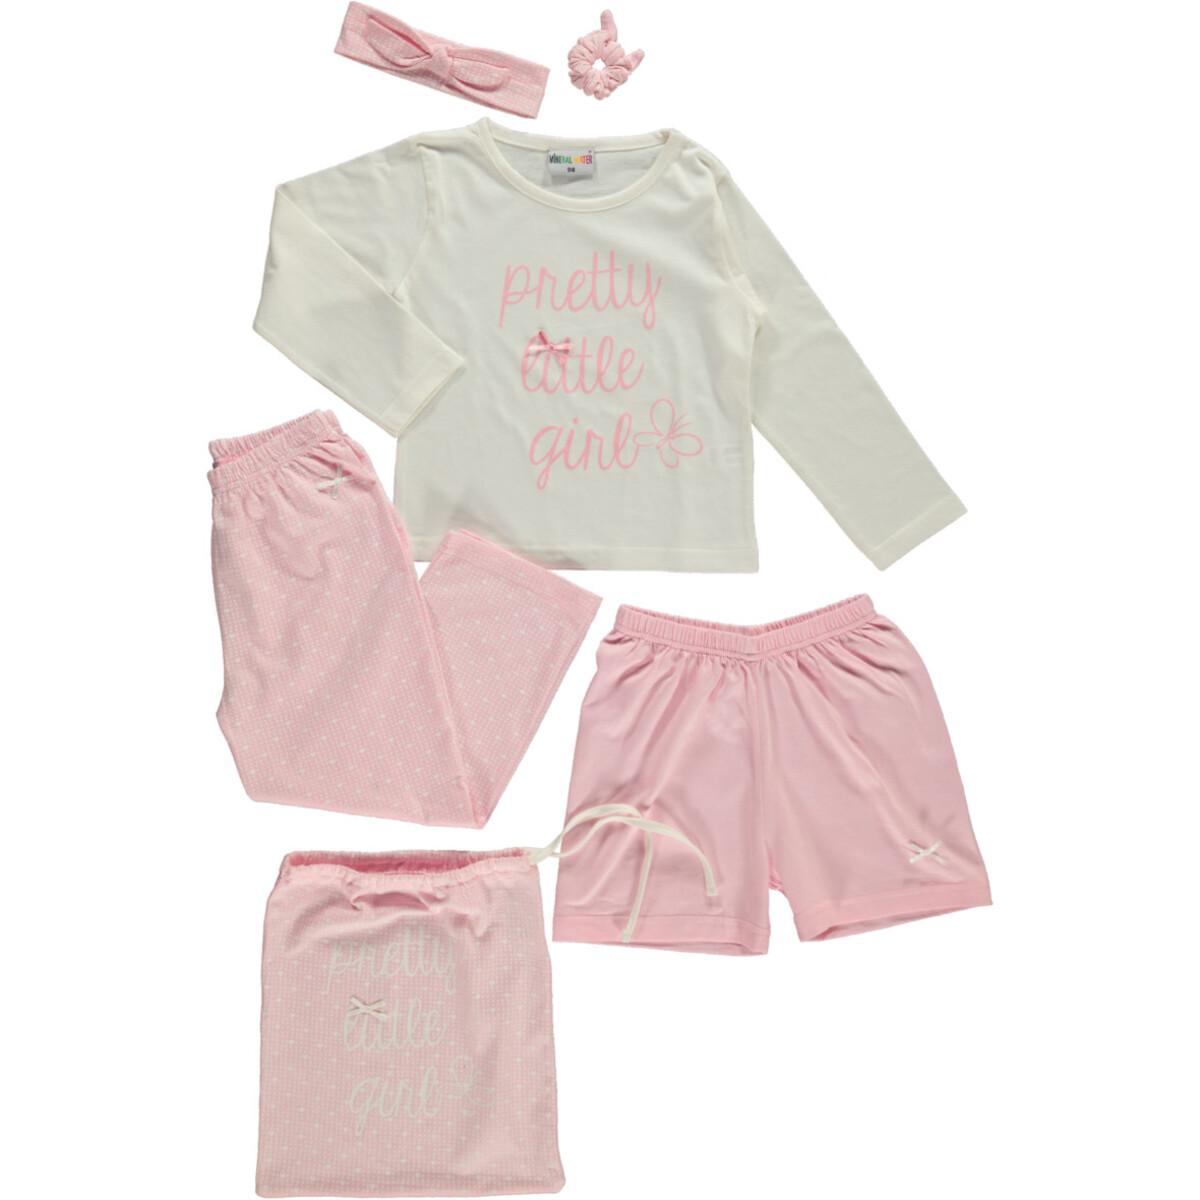 Bild 1 von Mädchen Nachtwäsche Set bestehend aus 5 Teilen